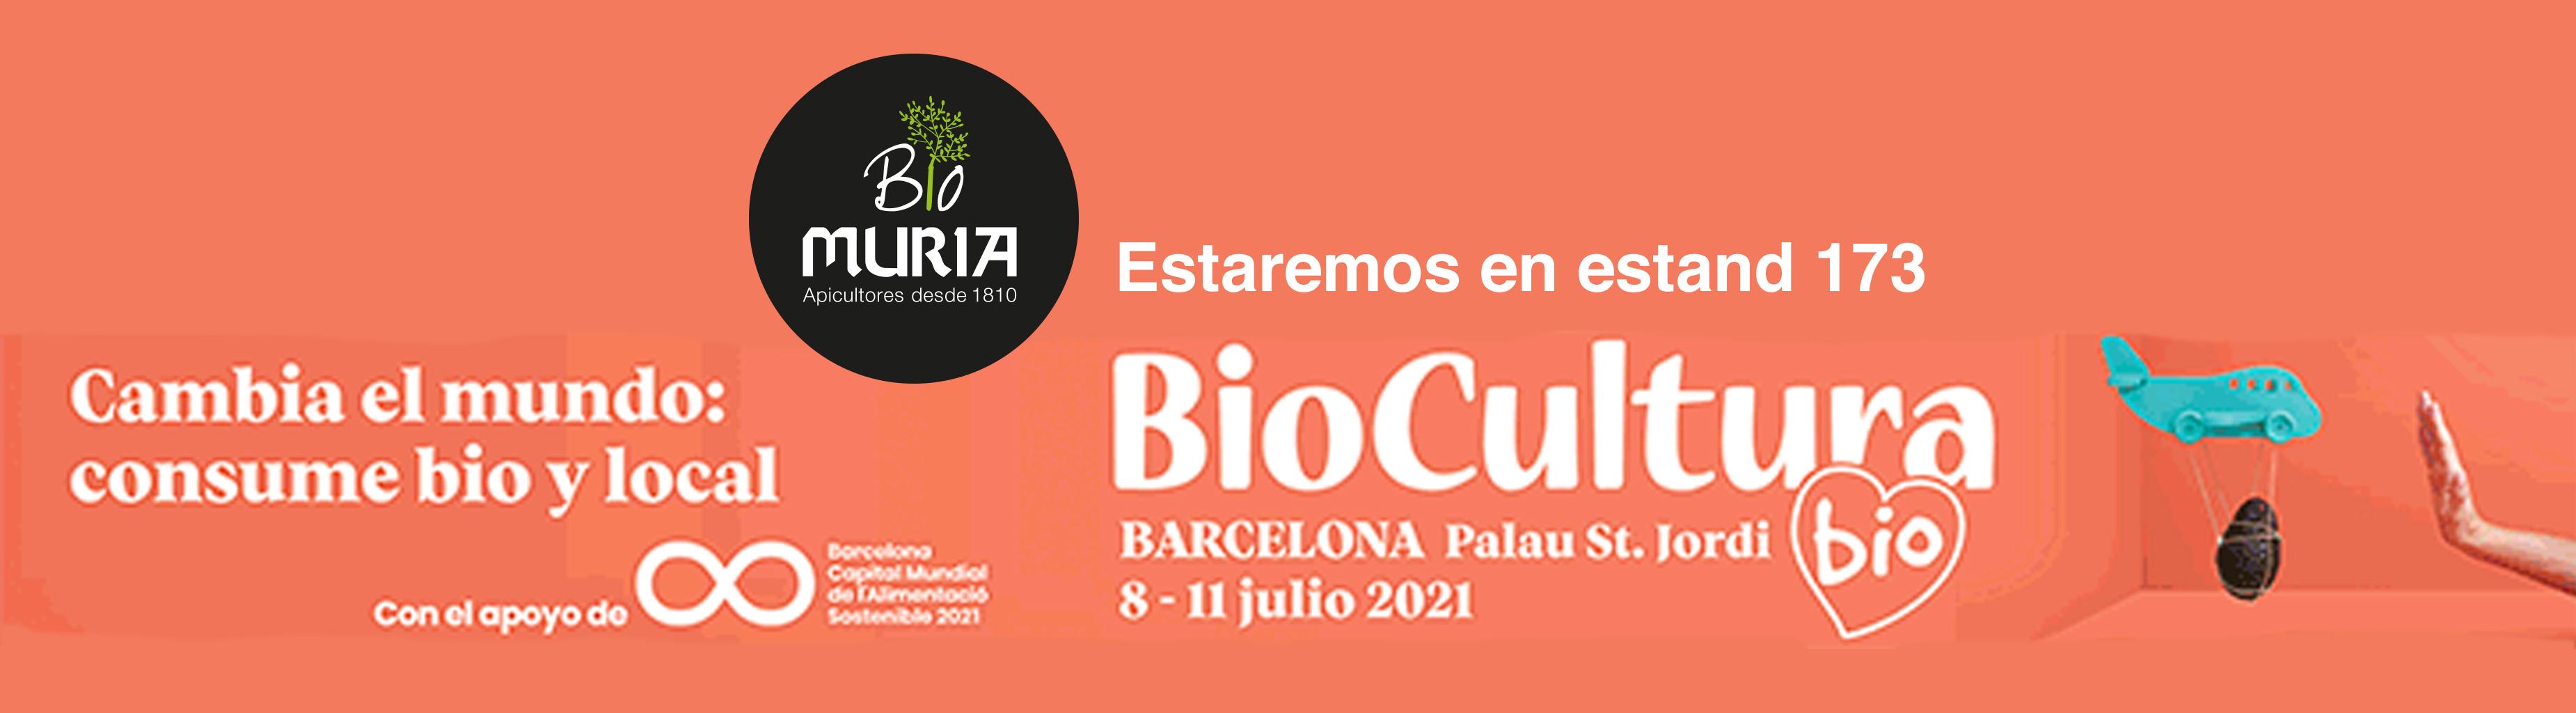 BANNER-biocultura-ESTIU-BCN